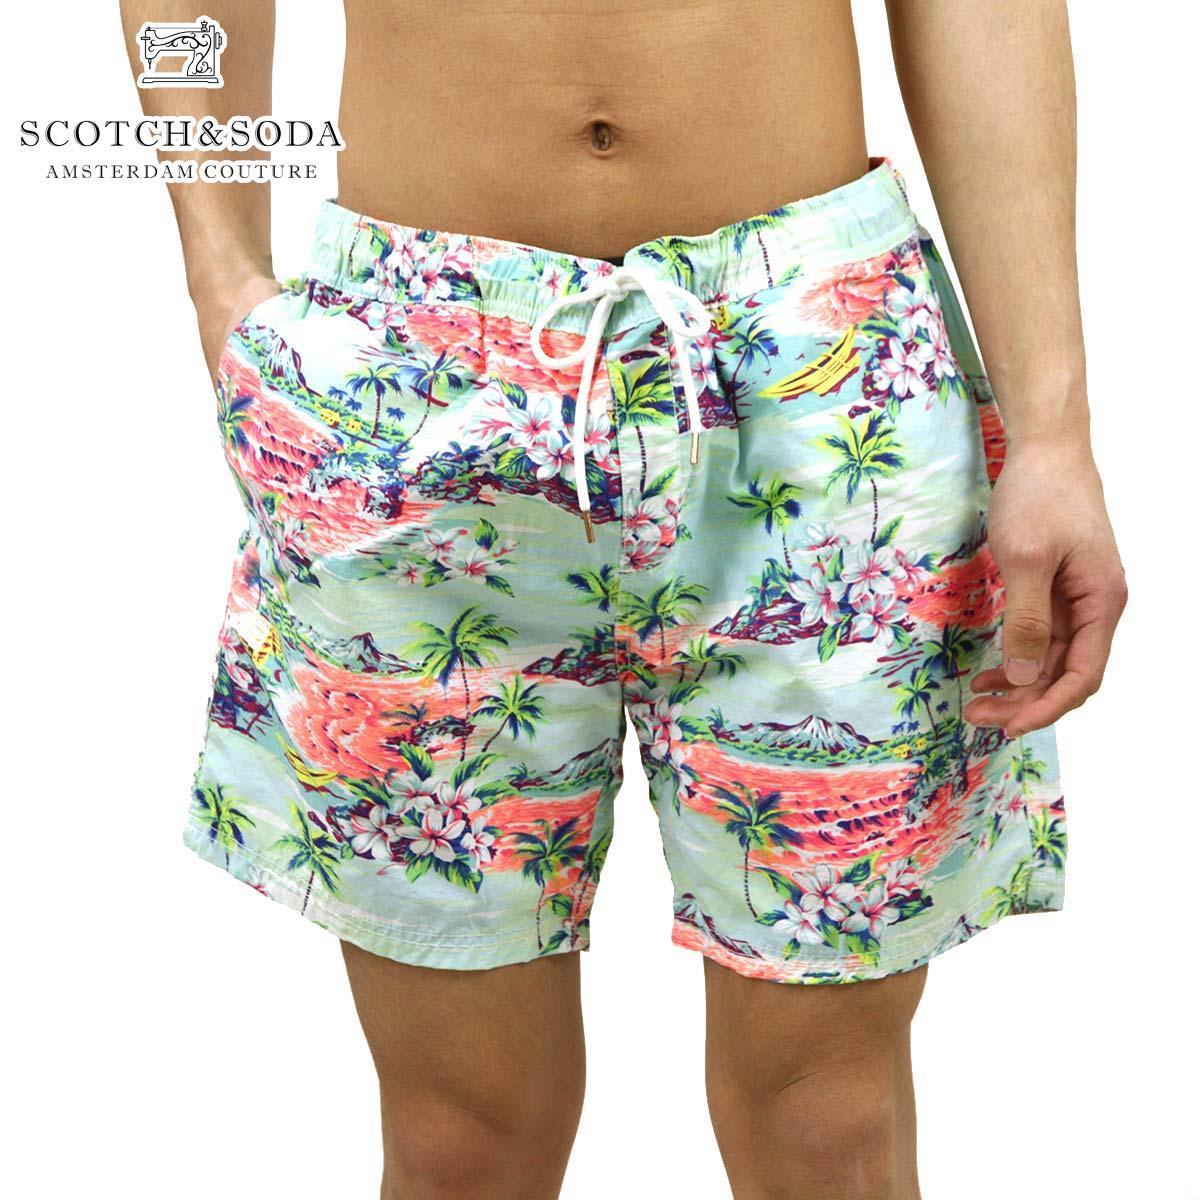 スコッチアンドソーダ SCOTCH&SODA 正規販売店 メンズ スイムパンツ Short length swimshort allover printed 84256 D A39B B1C C2D D7E E08F